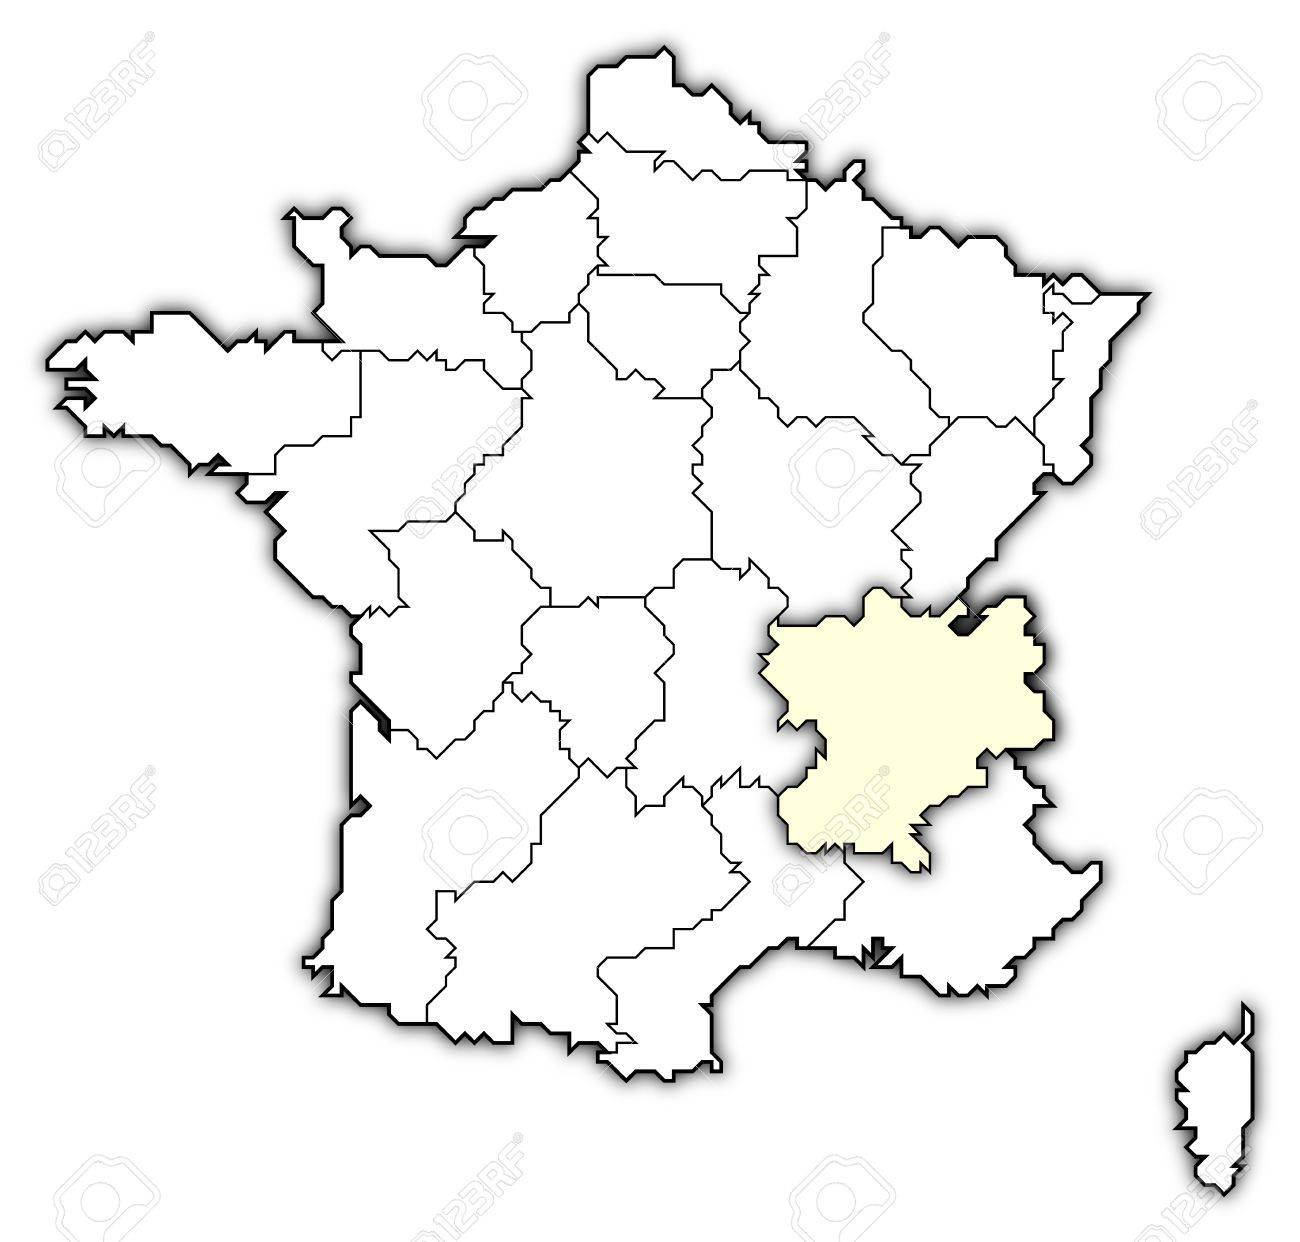 Carte Politique De La France Avec Les Diverses Regions Ou La Region Rhone Alpes Est En Surbrillance Banque D Images Et Photos Libres De Droits Image 10865045